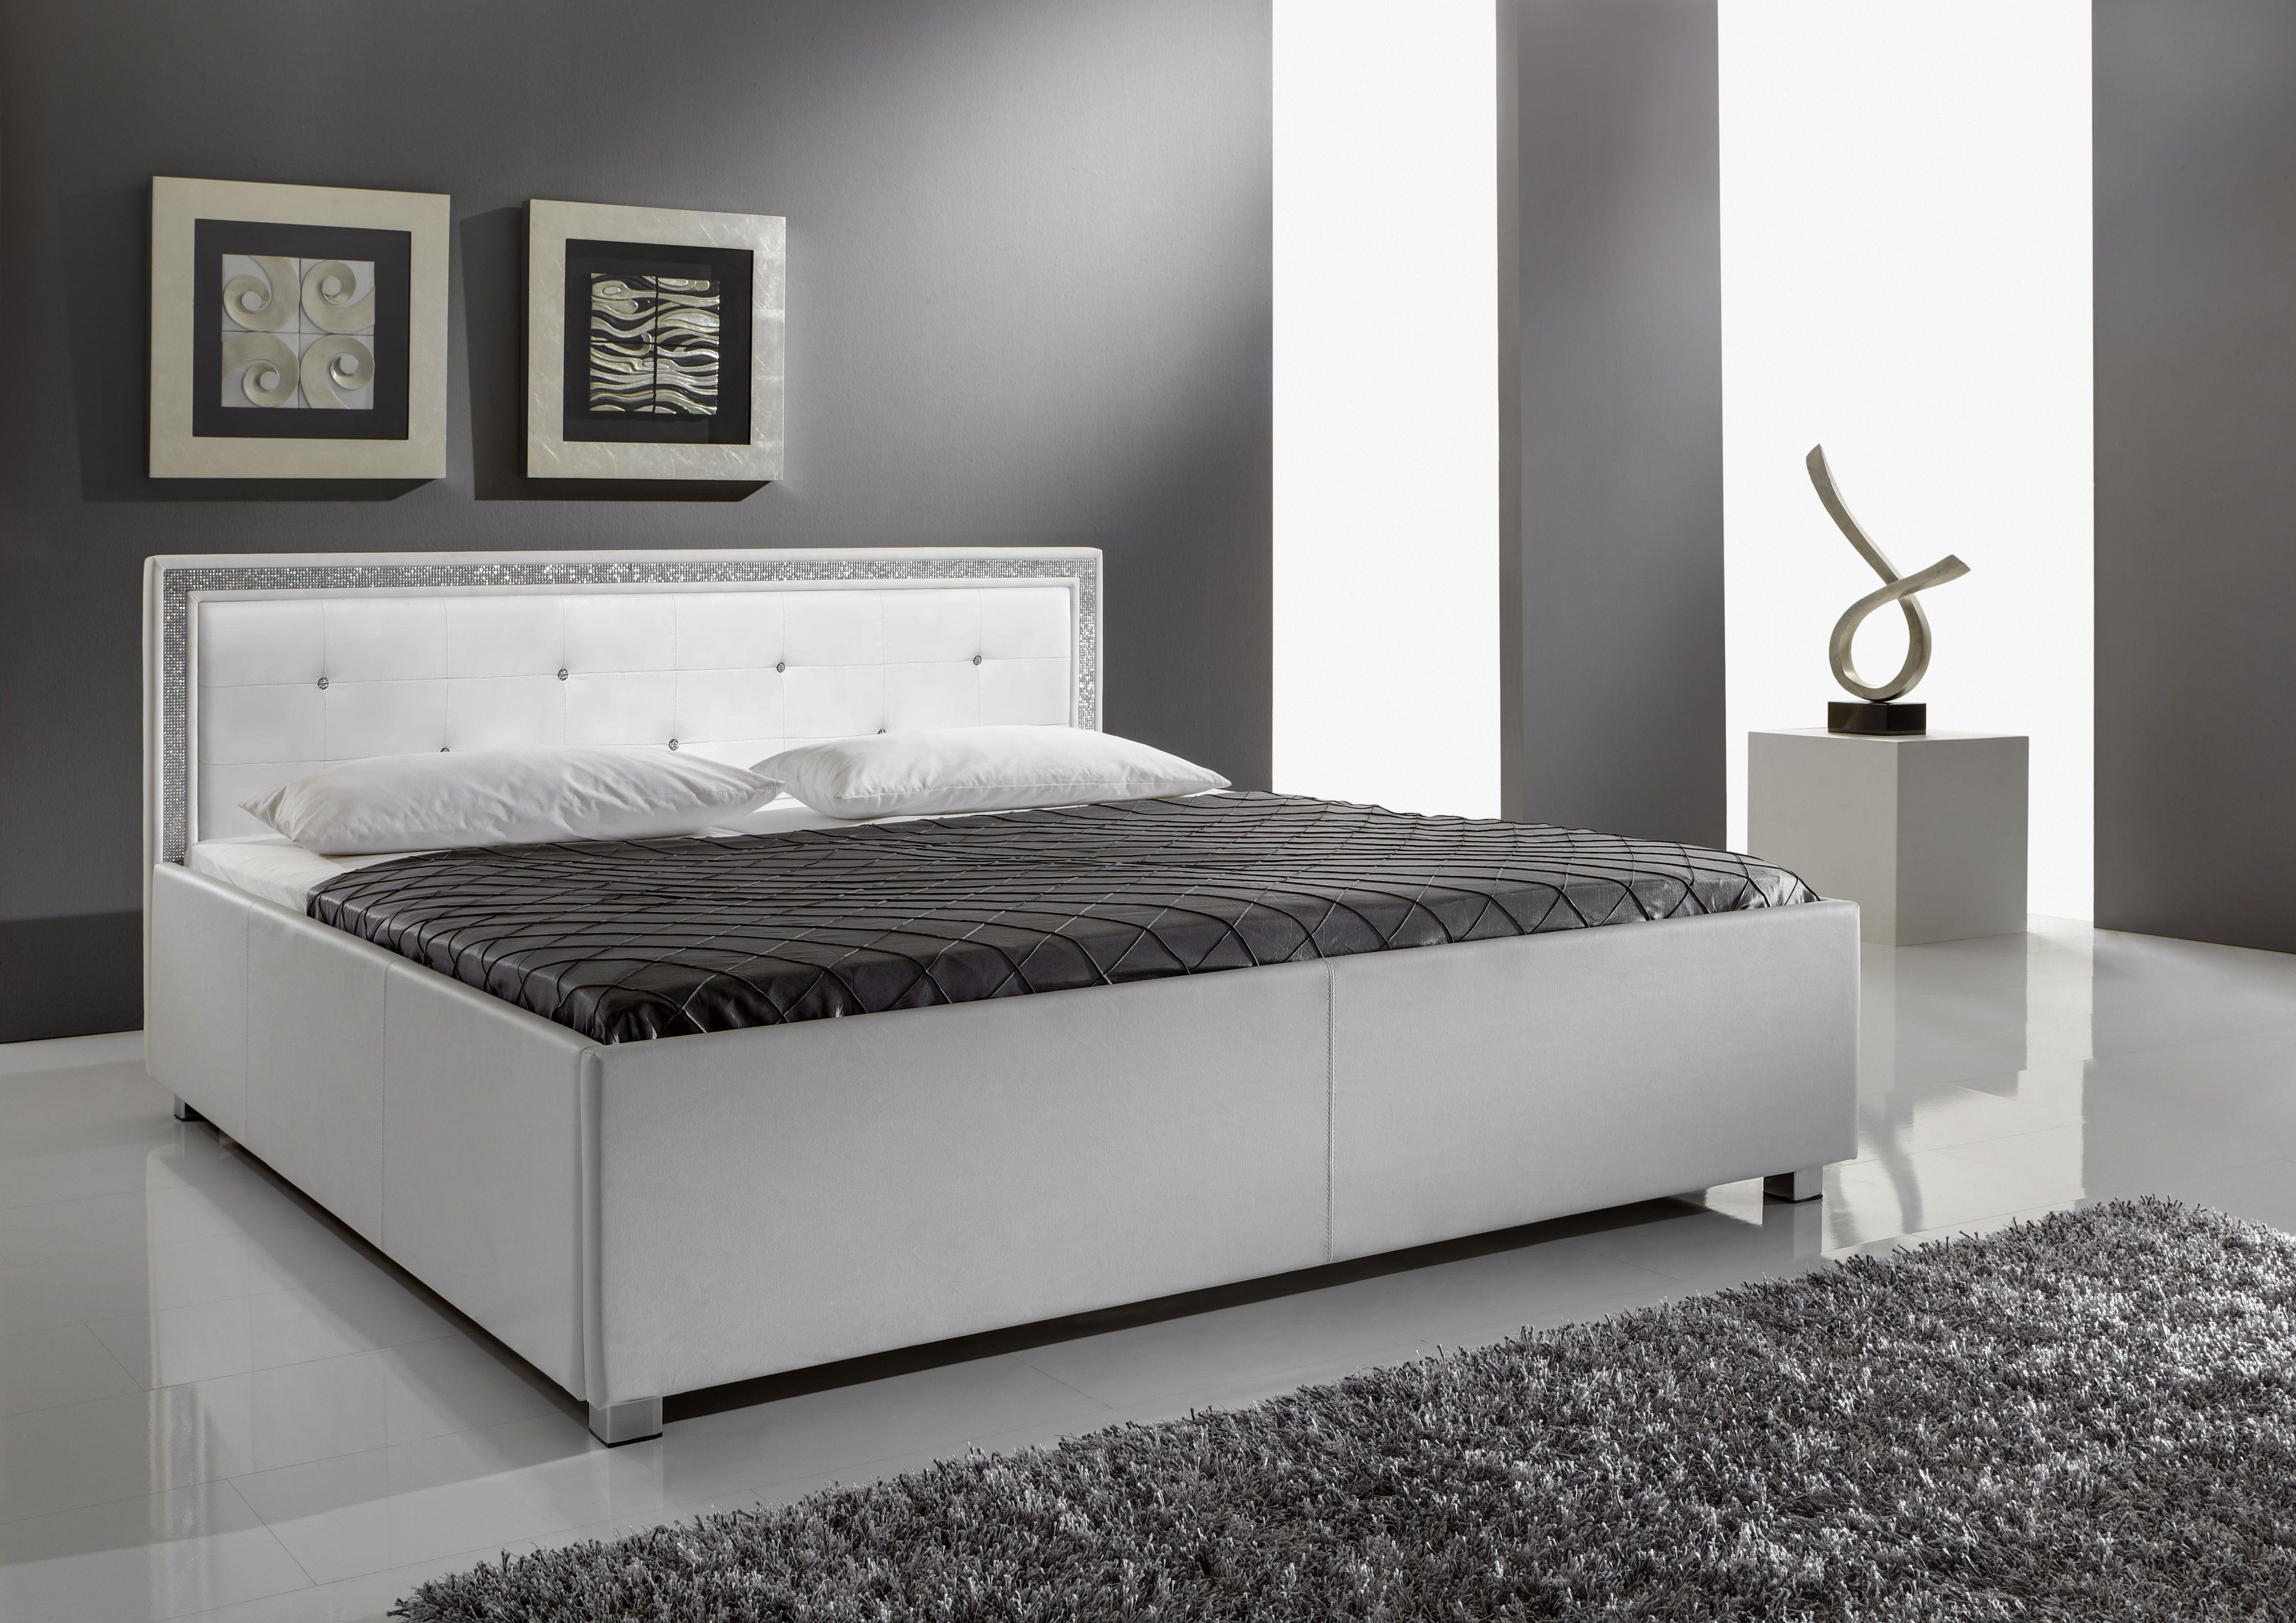 schlafzimmer set mit strass schlafzimmer set retro was machen gegen schimmel im lampe bronze. Black Bedroom Furniture Sets. Home Design Ideas